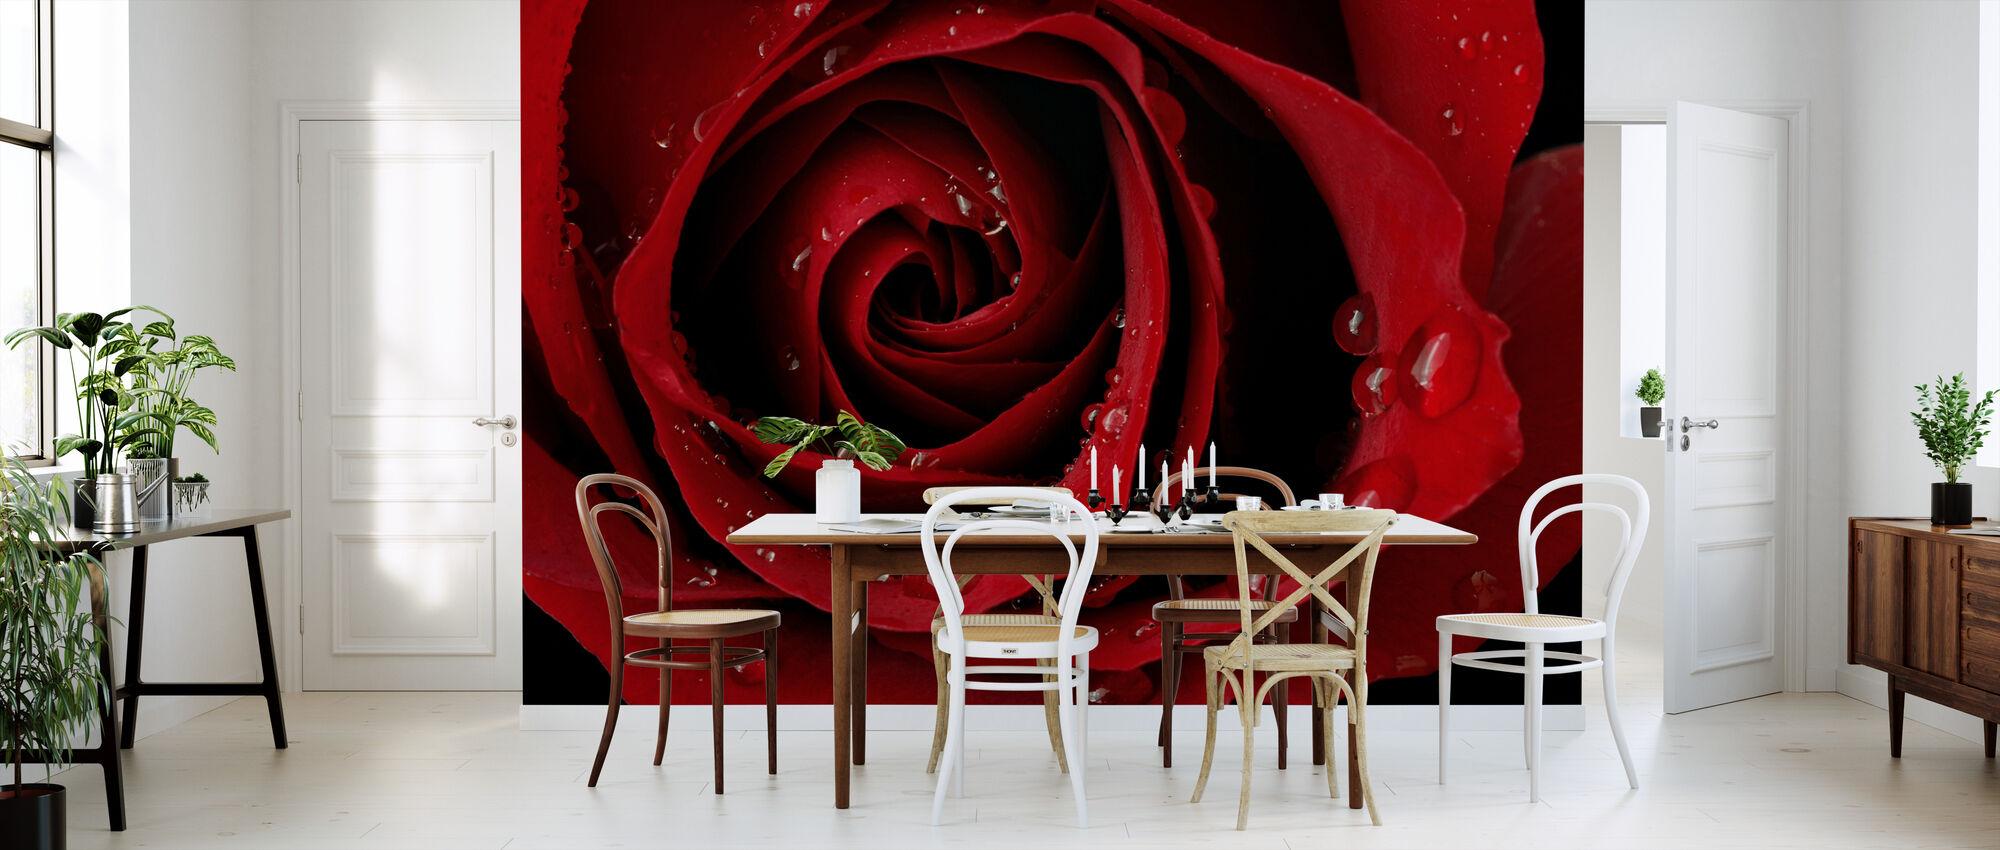 Tumma punainen ruusu - Tapetti - Keittiö